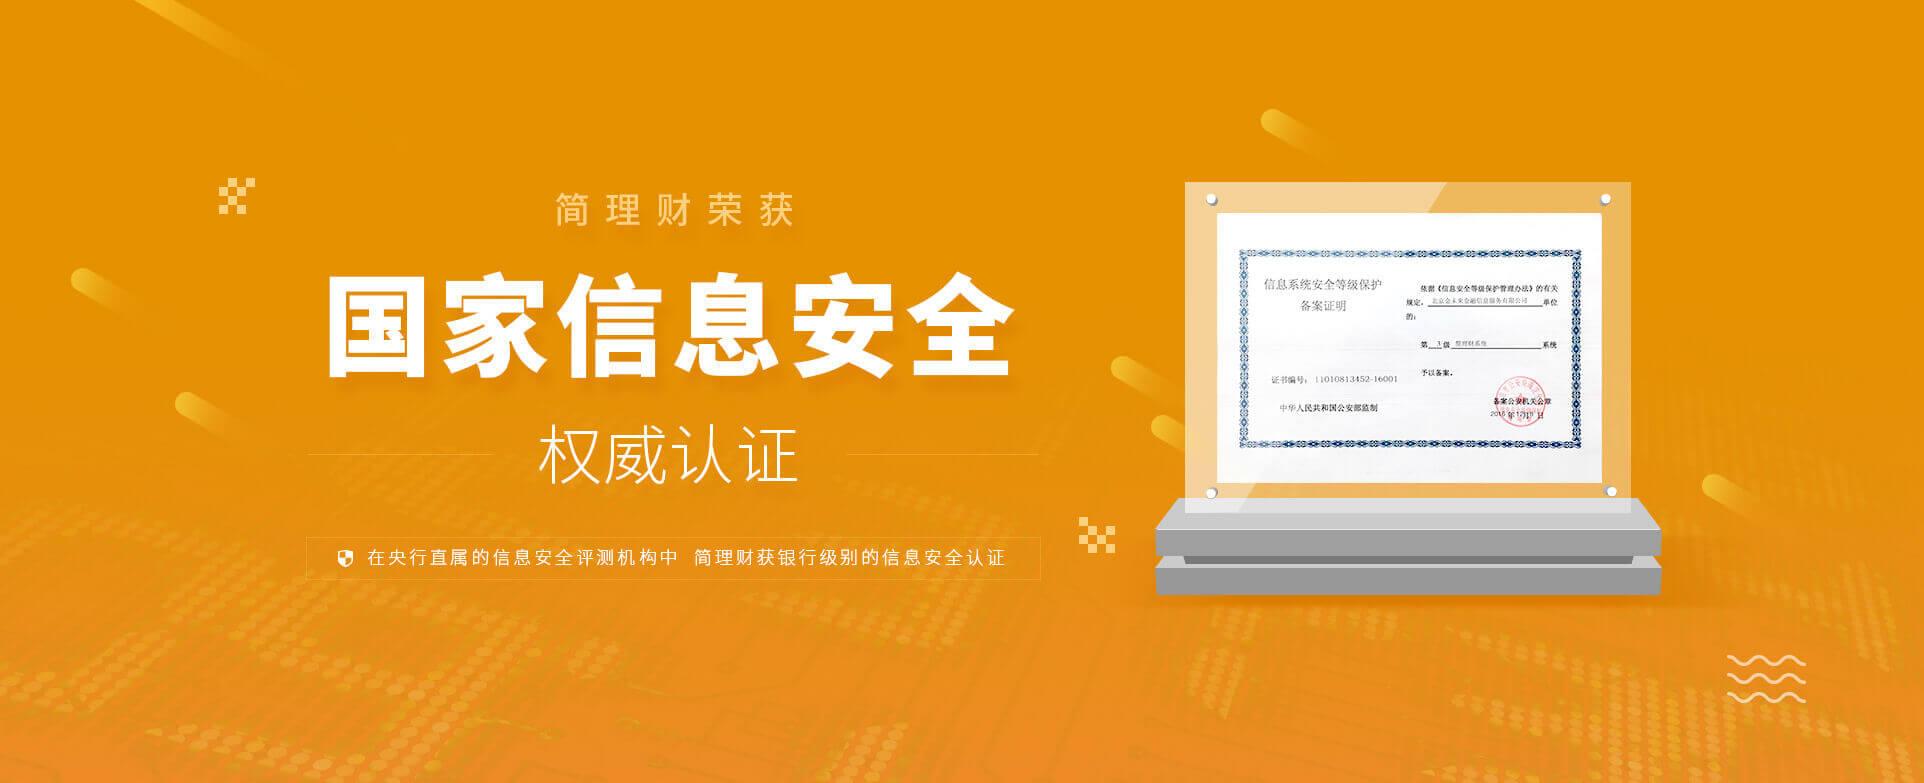 简理财荣获国家信息安全认证